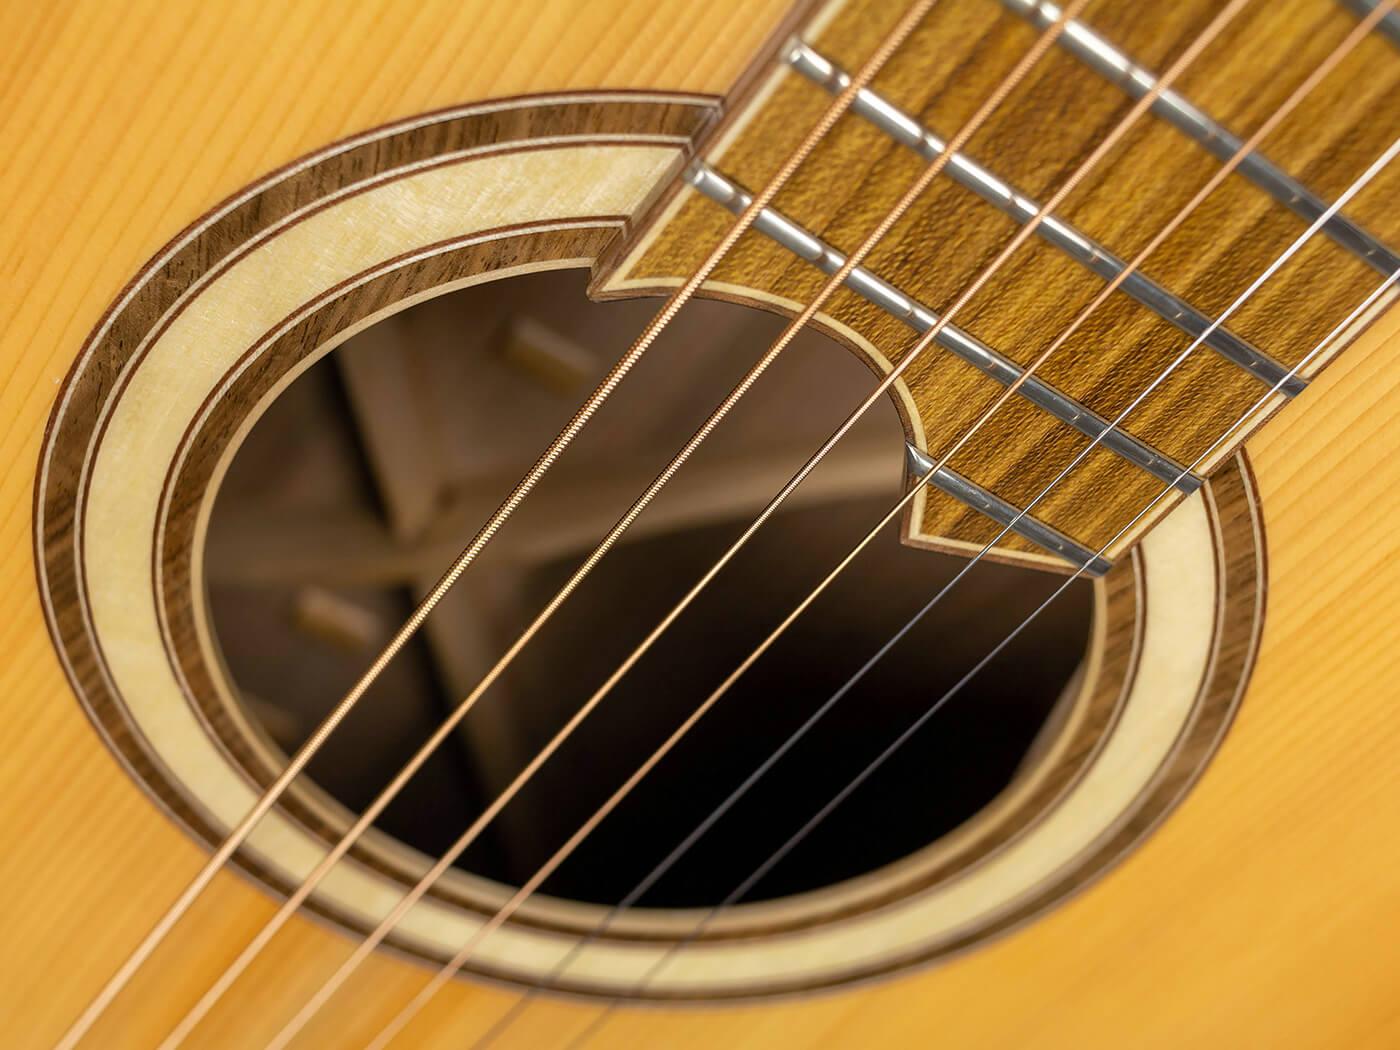 Turnstone Guitars